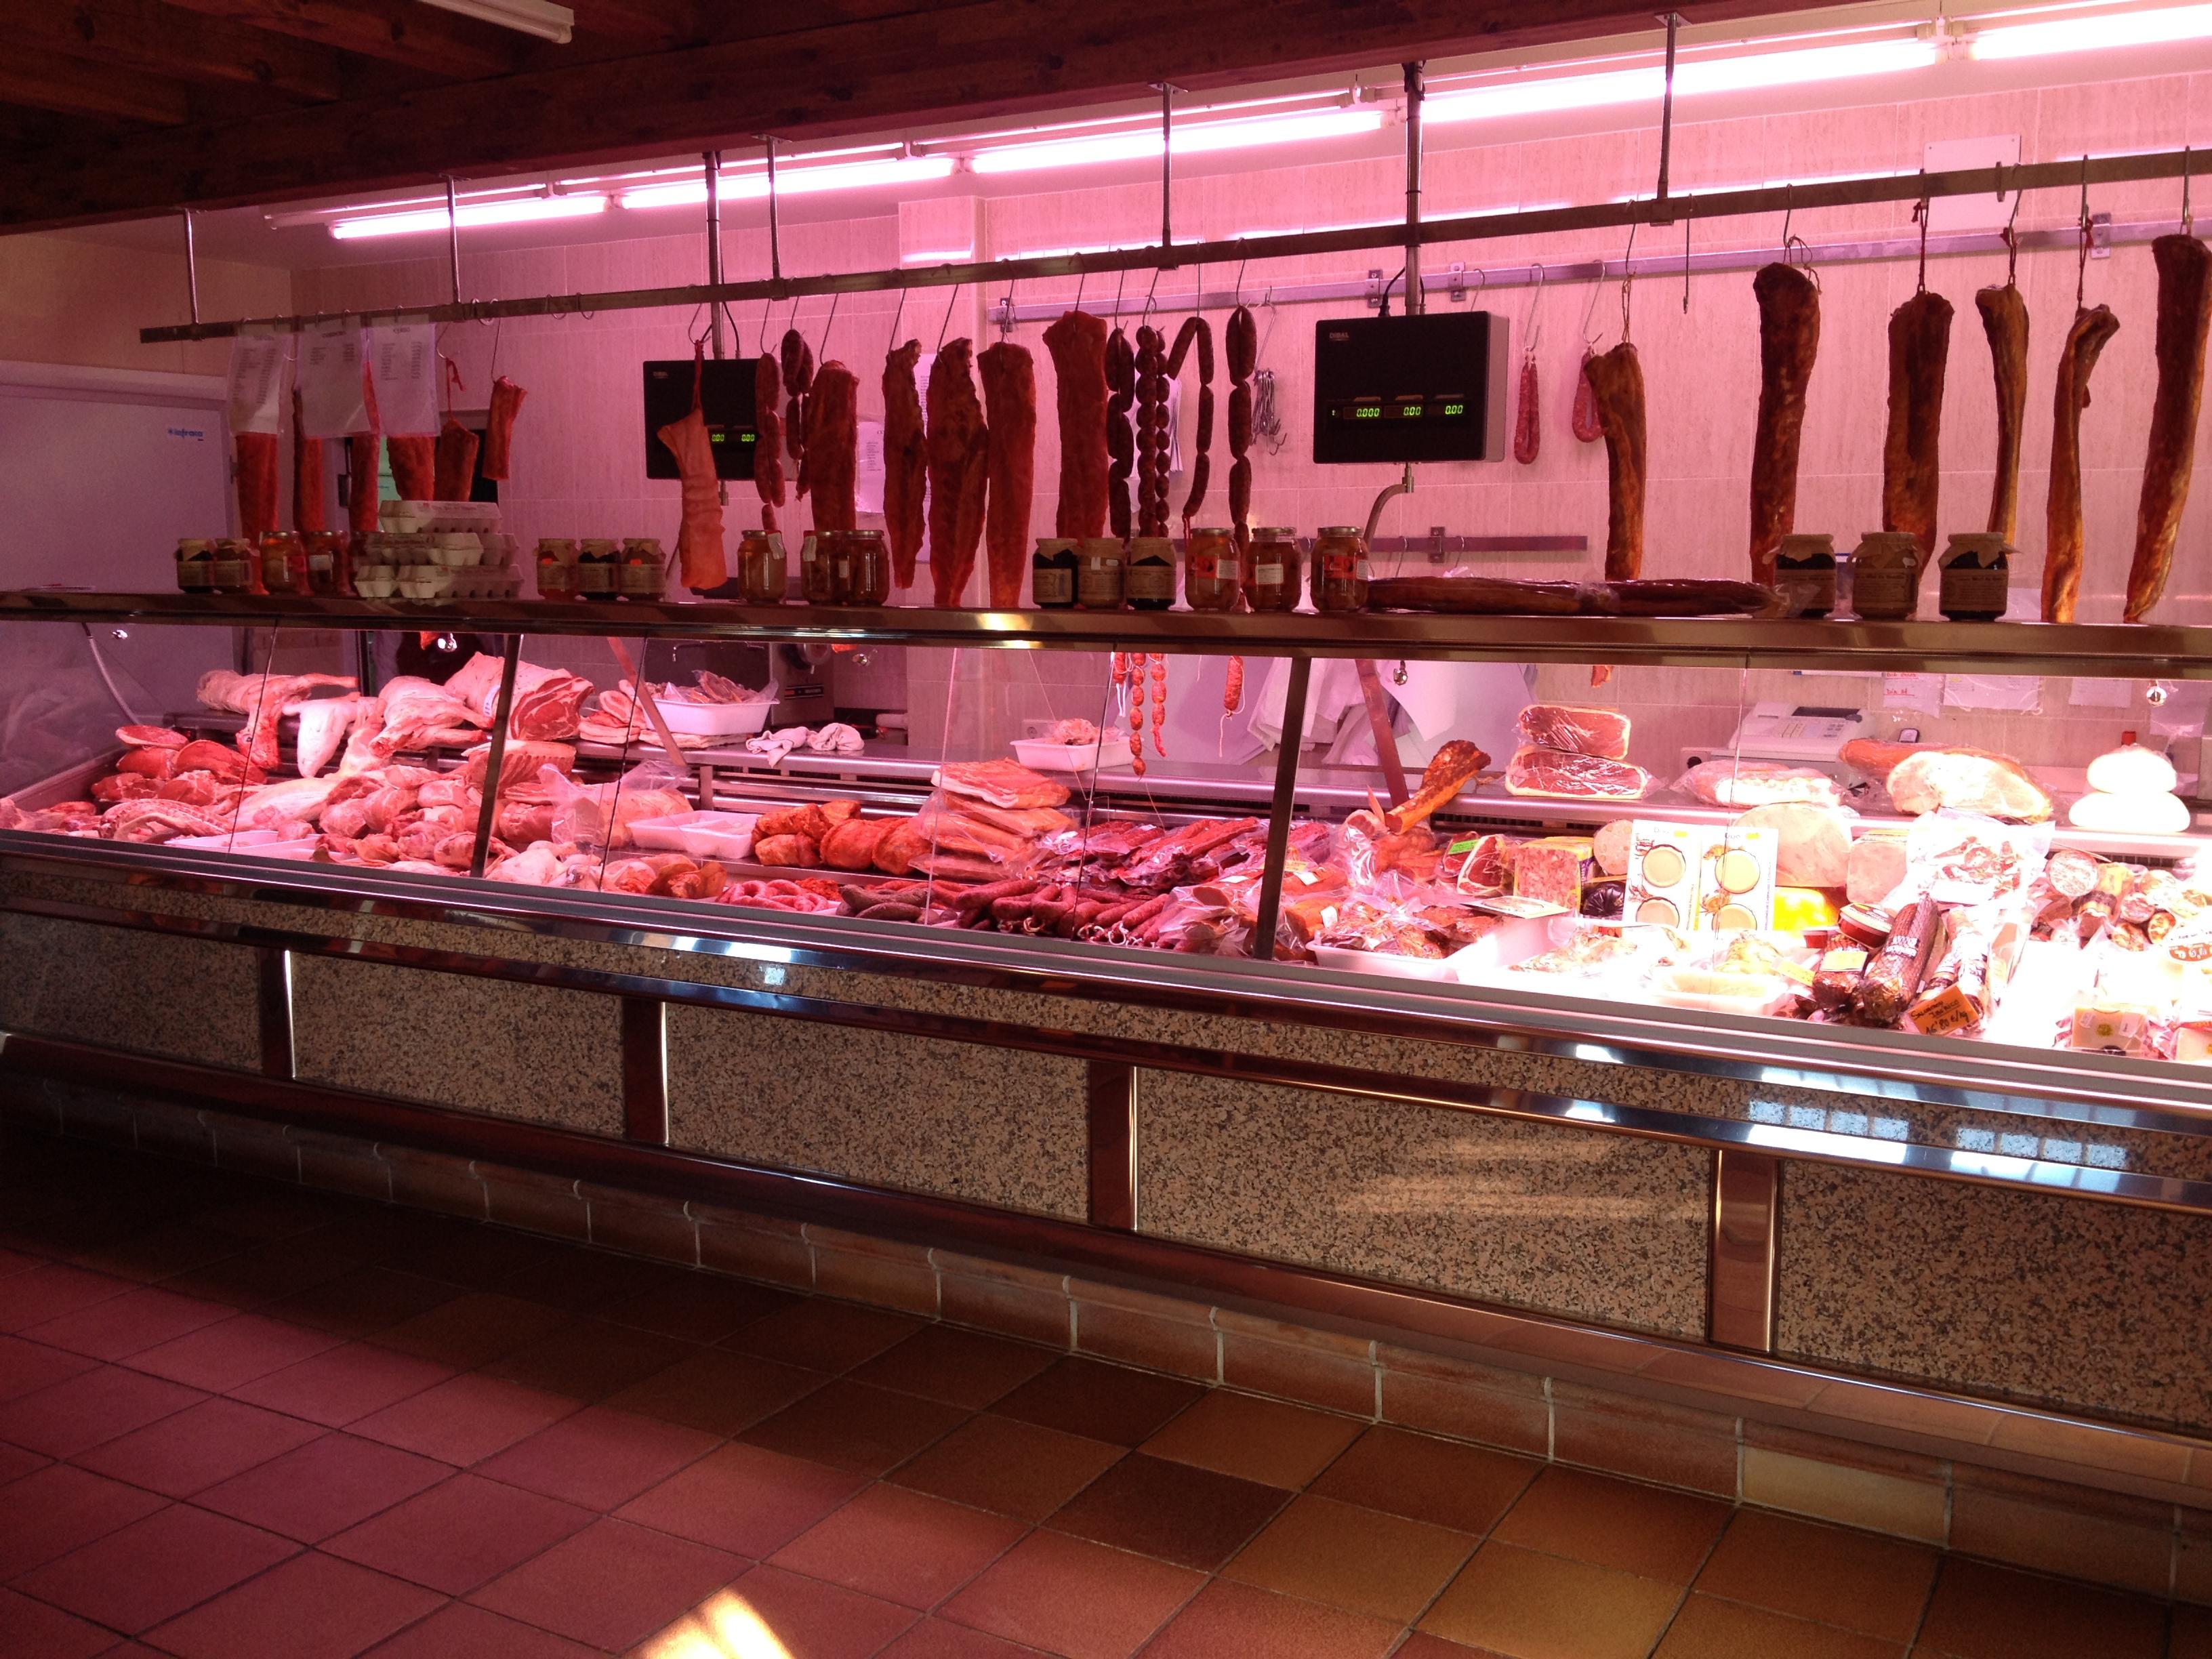 Carniceria/Fabrica/Horno